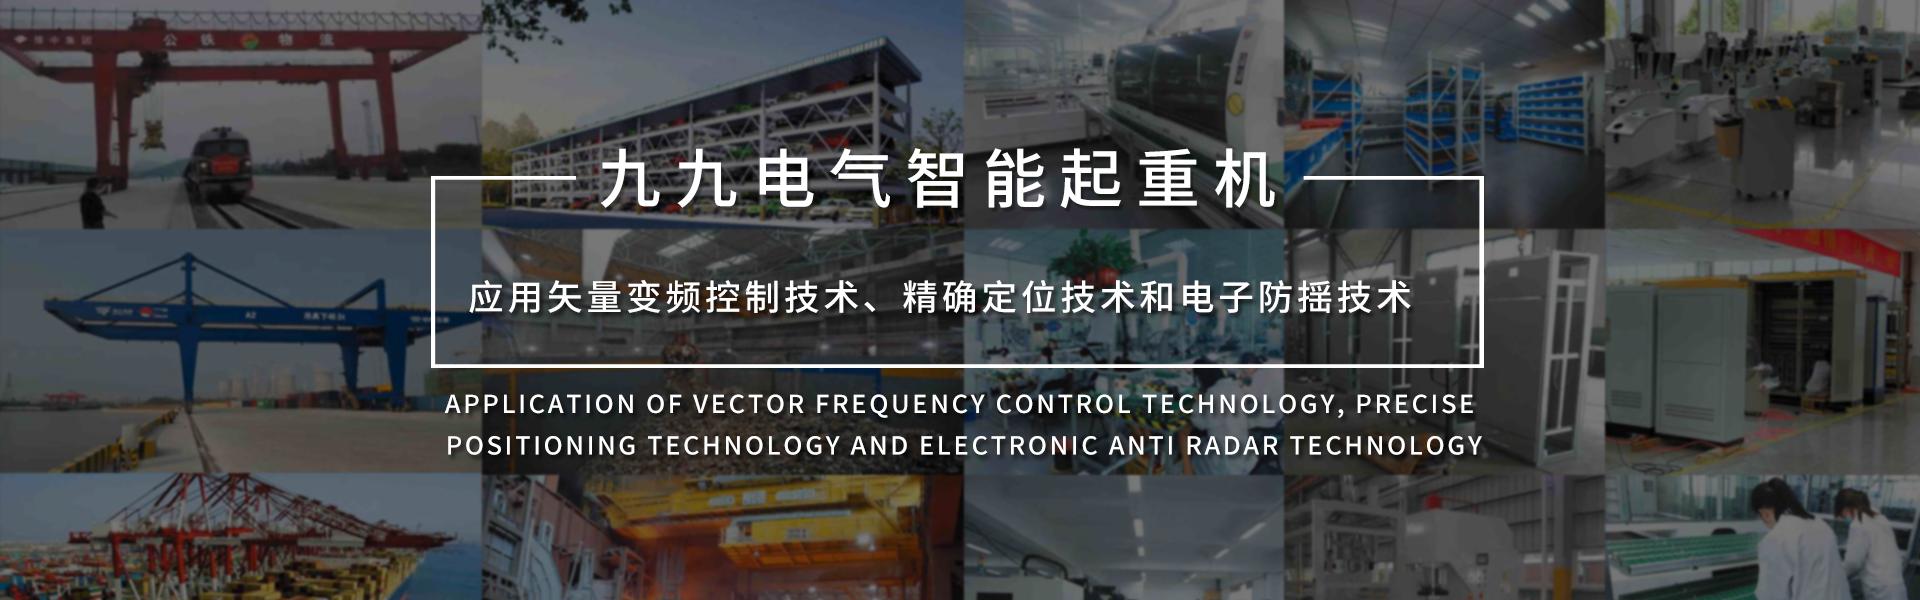 起重机电气系统_自动化起重机控制系统_河南九九